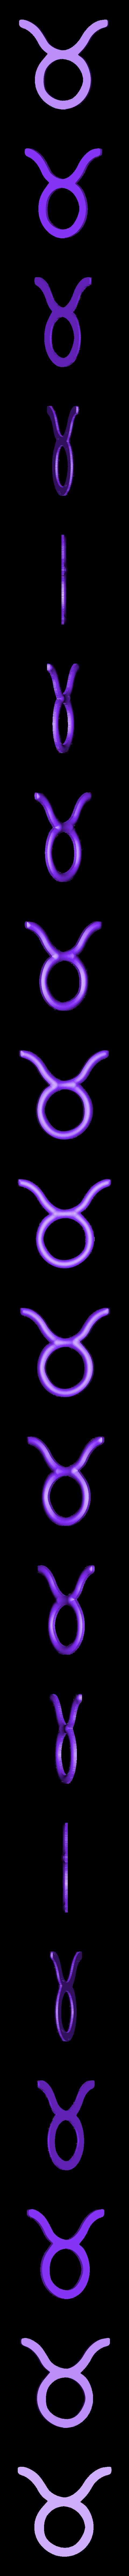 insert avant.stl Download free STL file zodiac sign Taurus • 3D print object, robinwood87cnc